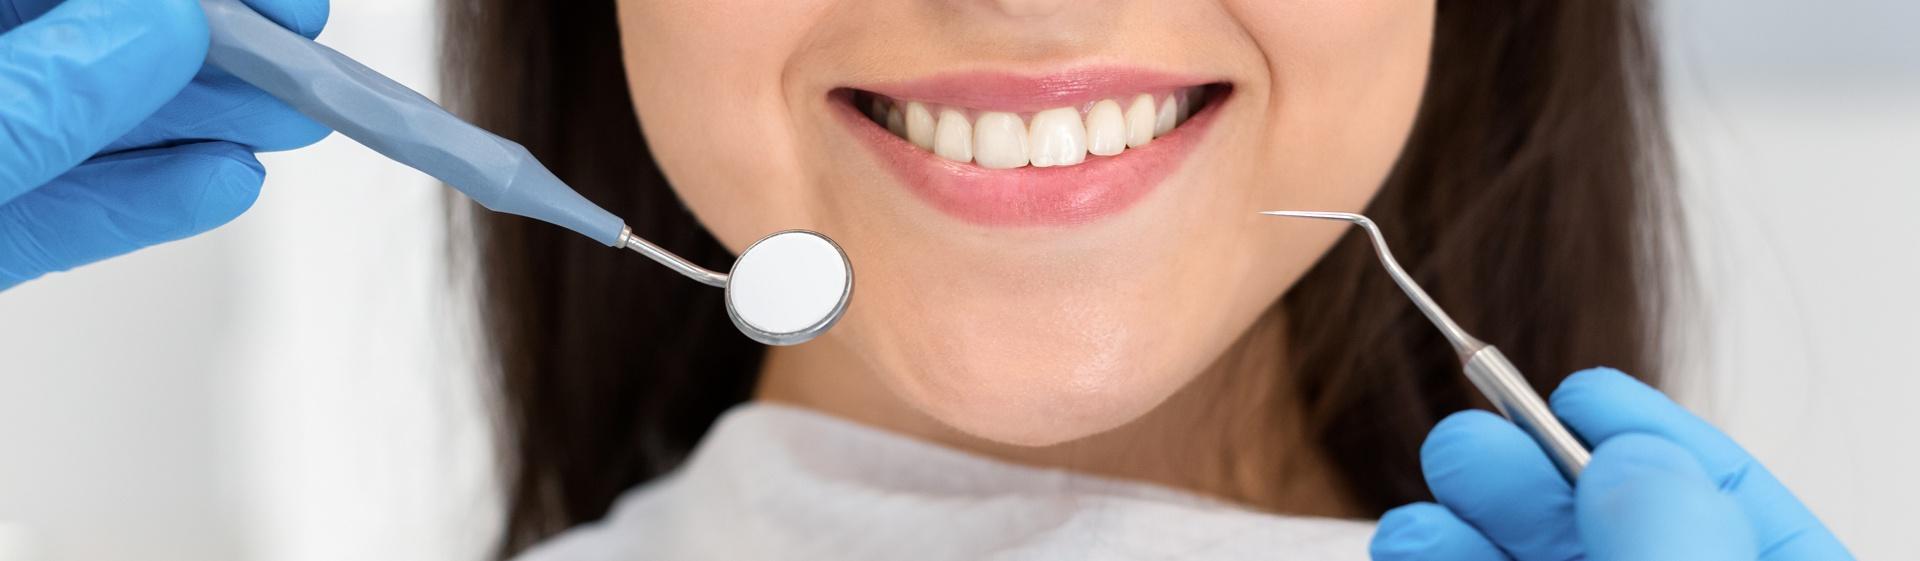 Kompletní stomatologická zubařská péče